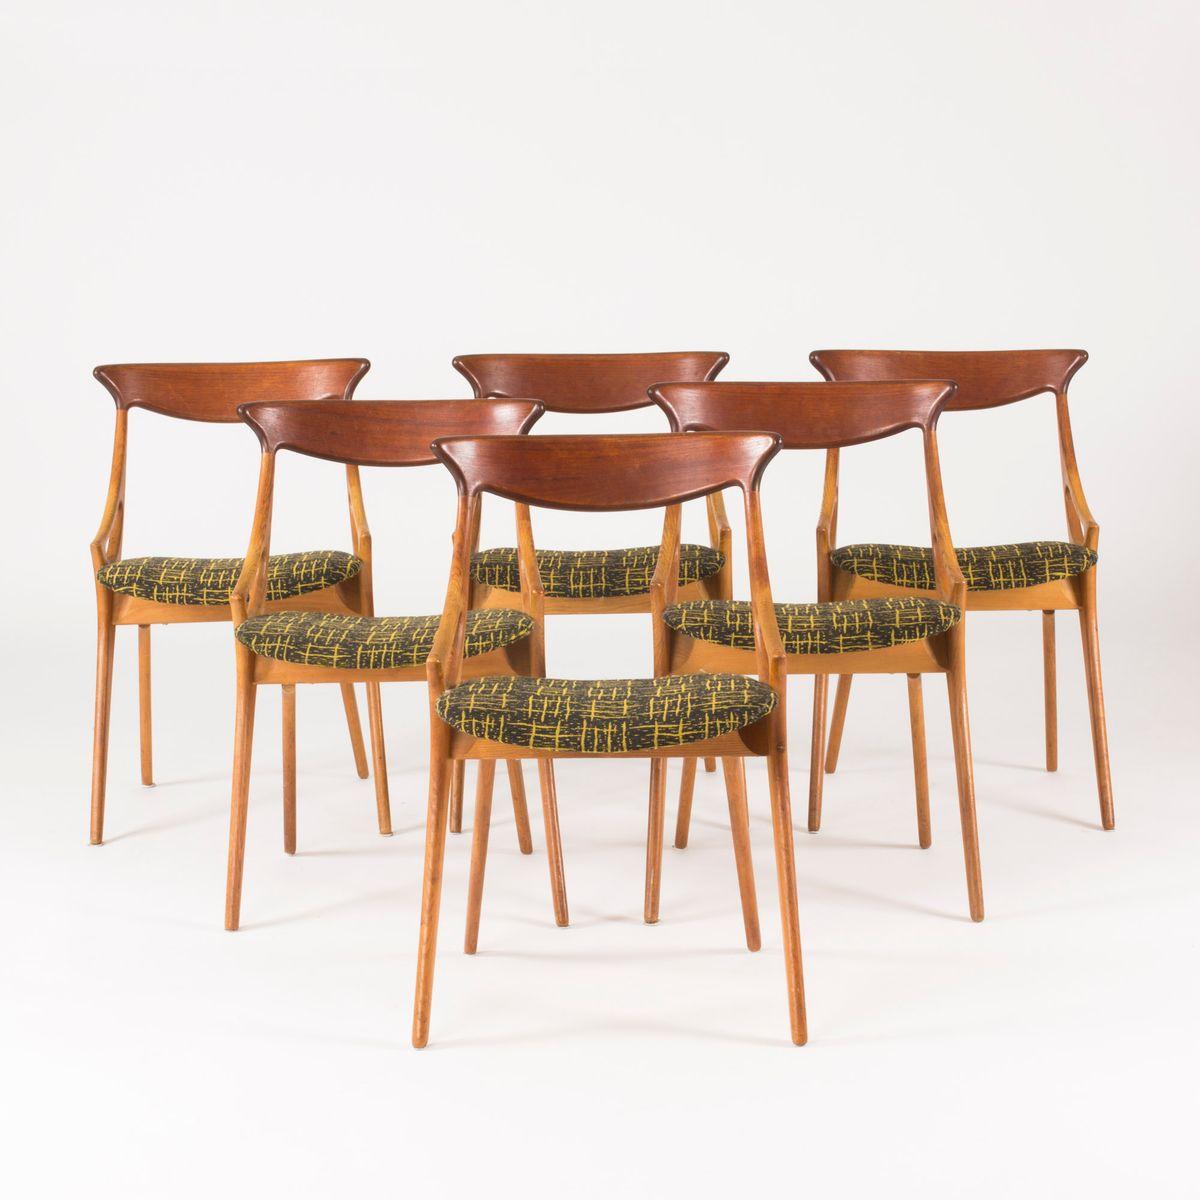 Dining Chairs By Arne Hovmand Olsen For Mogens Kold, 1950s, Set Of 6